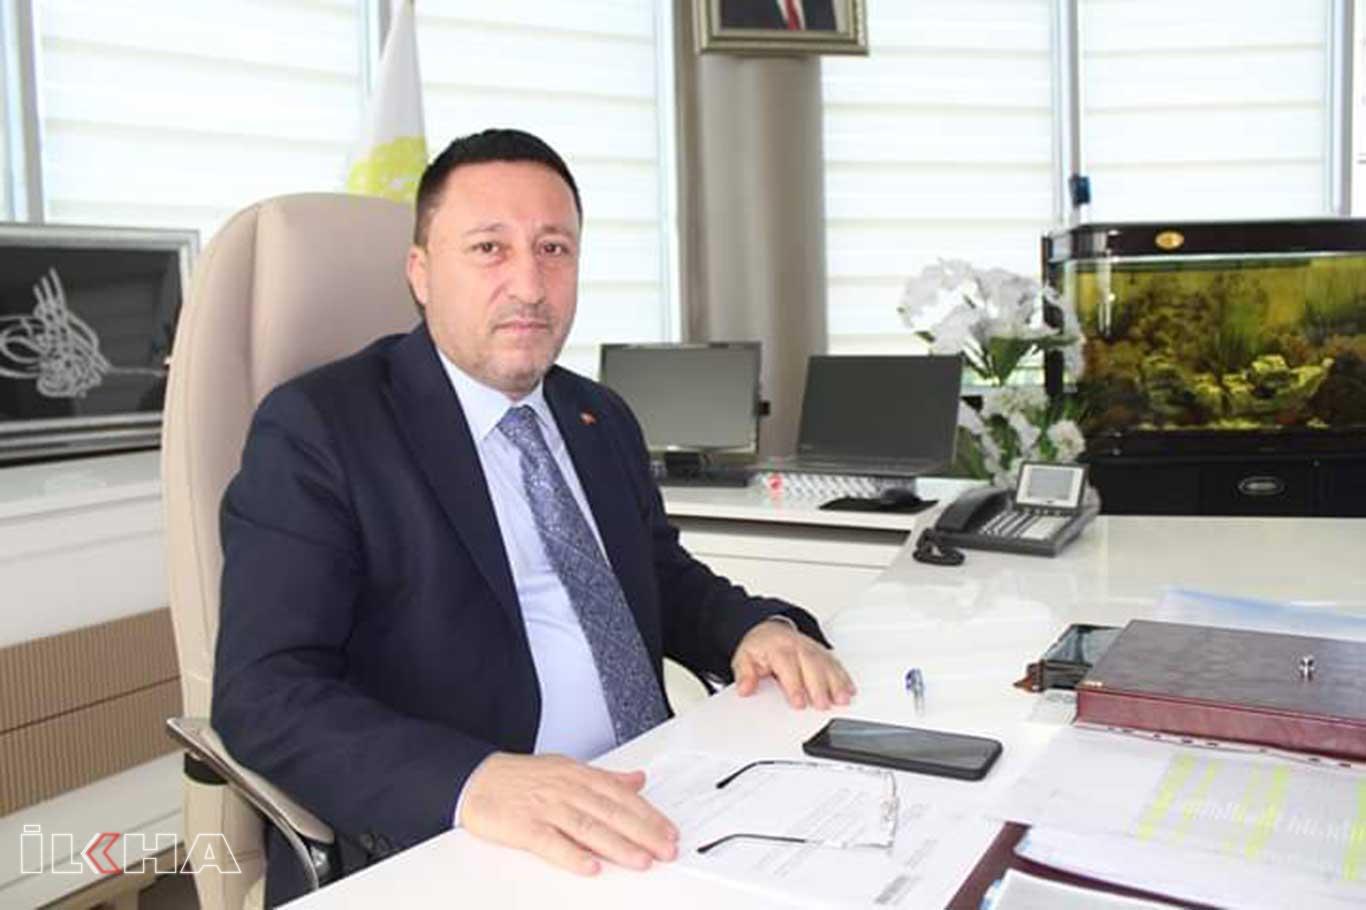 Beyoğlu: Büyük çaplı projeler için kurumların desteği şart.